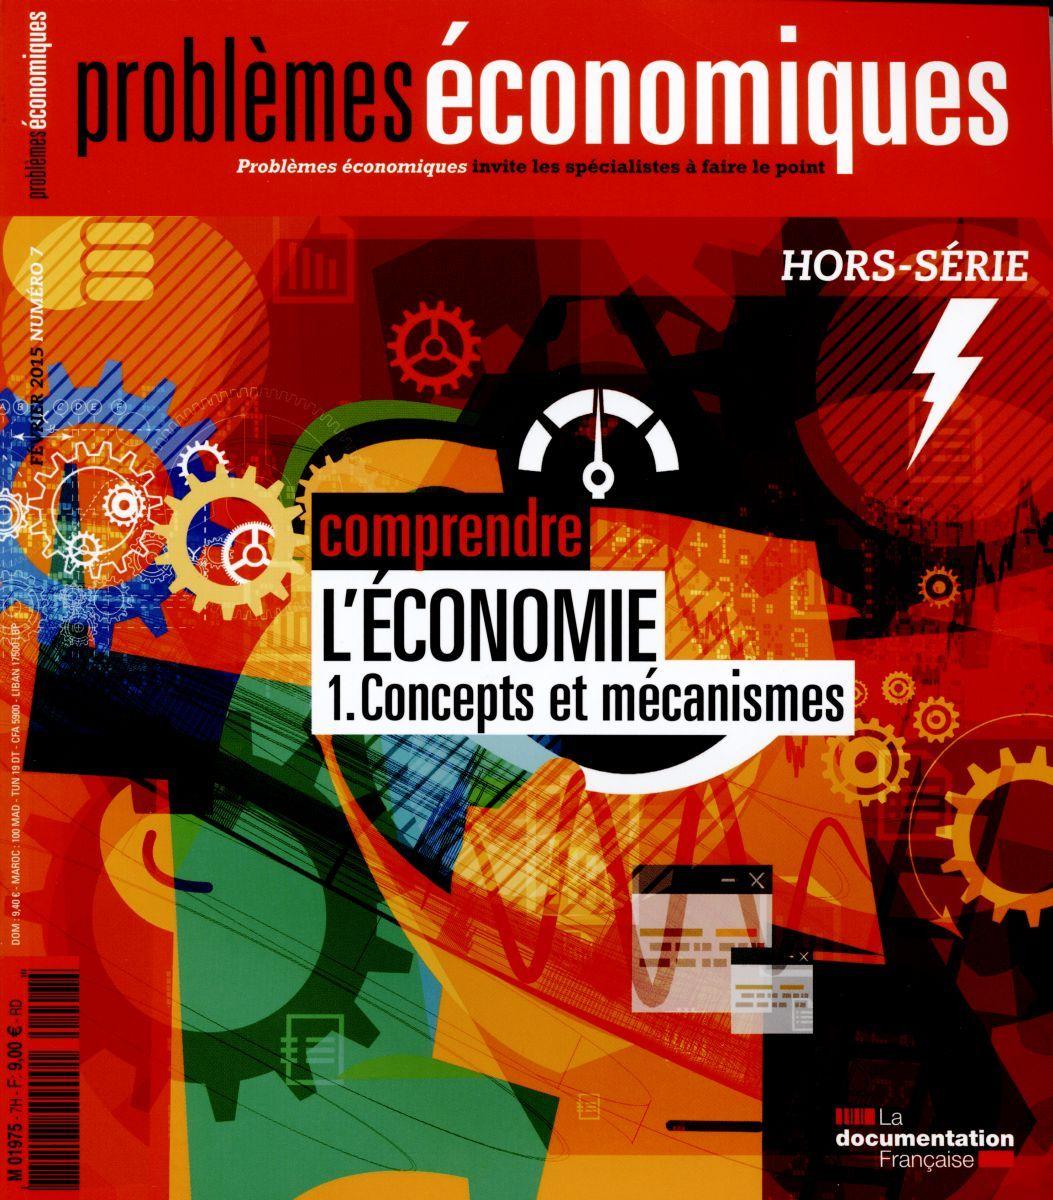 COMPRENDRE L'ECONOMIE -1- CONCEPTS ET MECANISMES